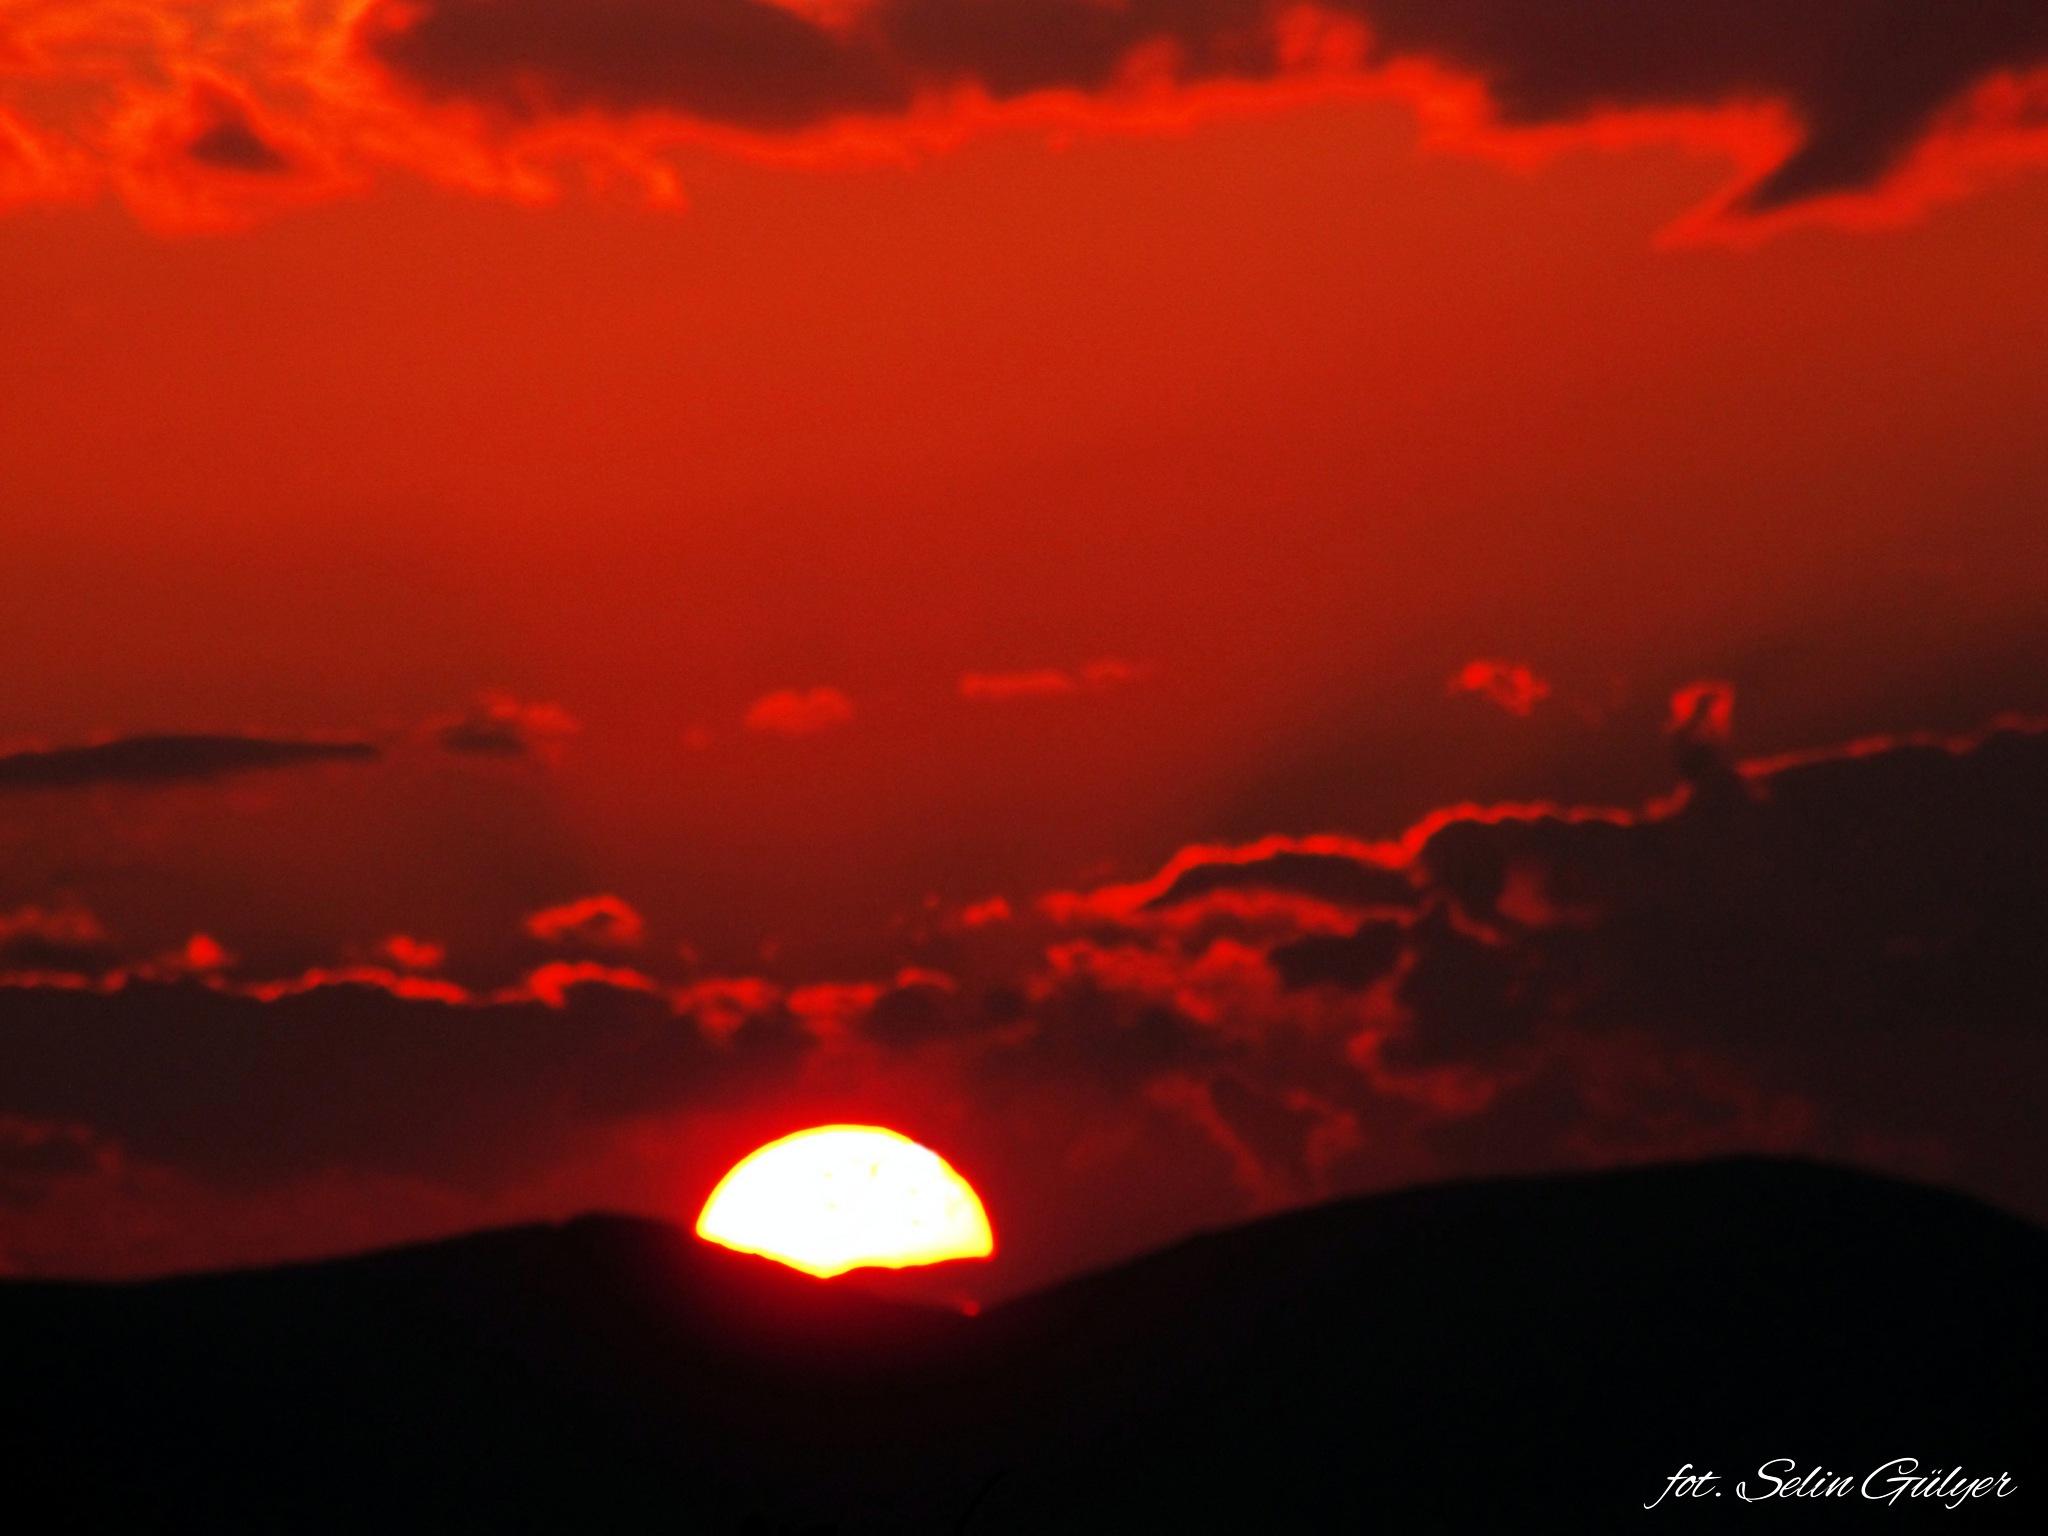 Kızıl Gökyüzü by selingulyer